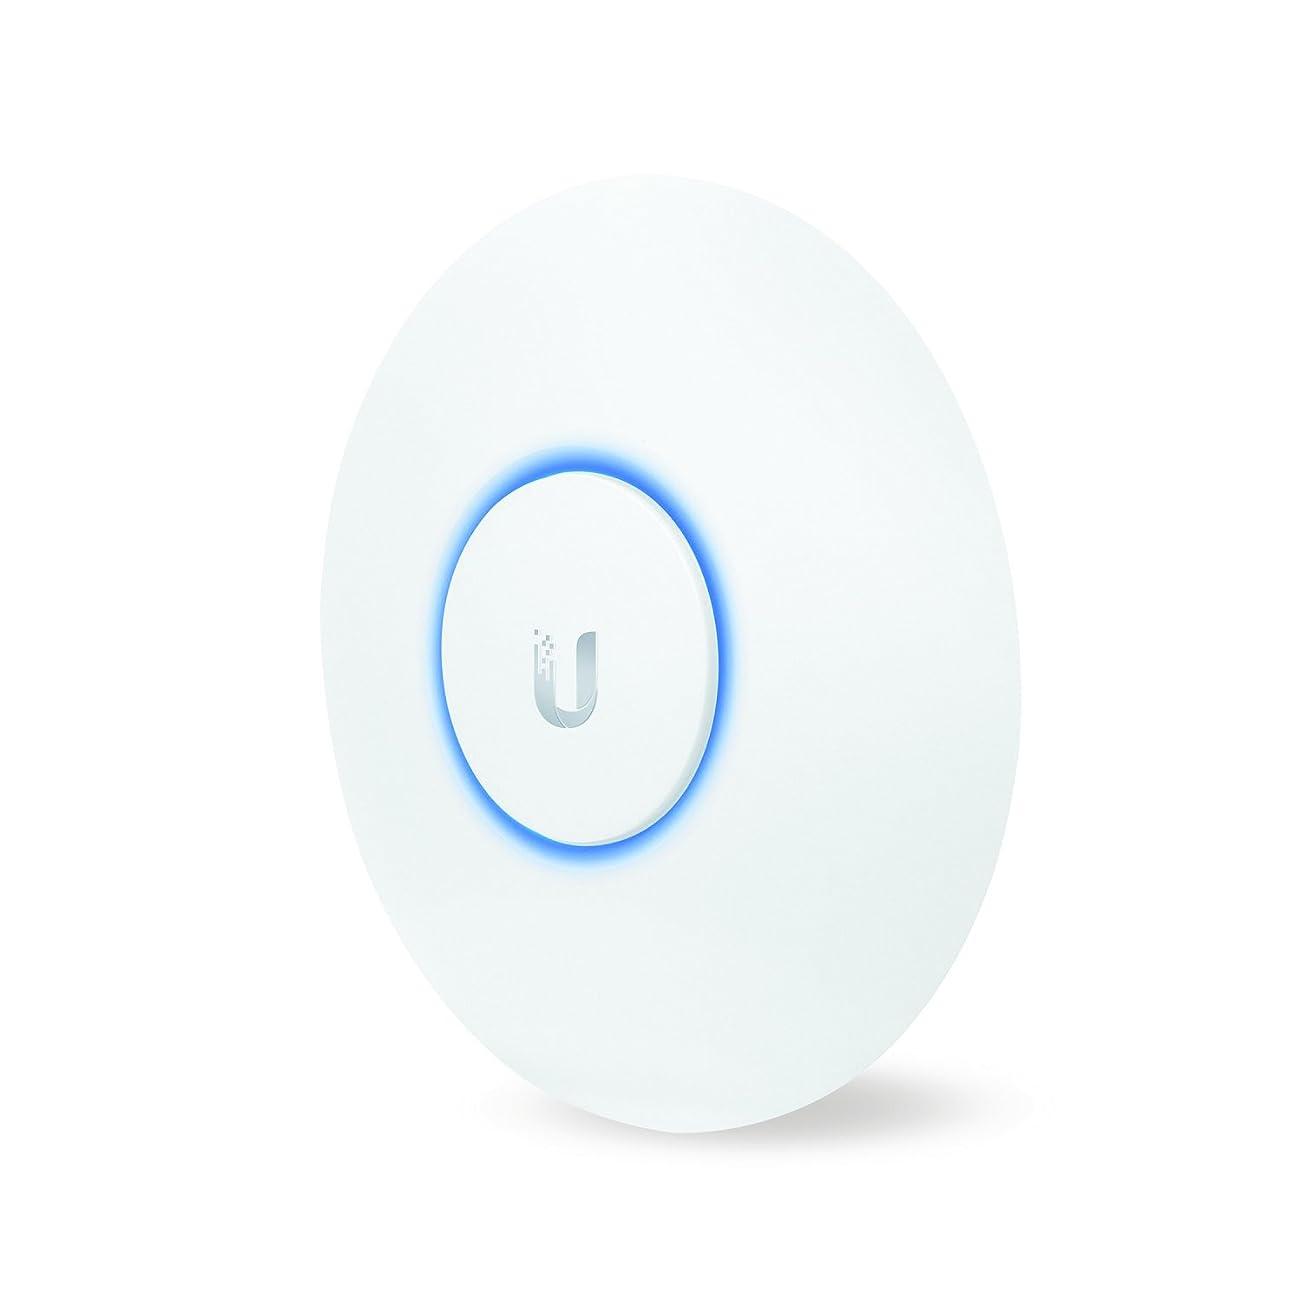 Ubiquiti UAP-AC-LITE UniFi AP AC LITE 802.11ac Gigabit Dual-Radio PoE nygtgciuhxnj6